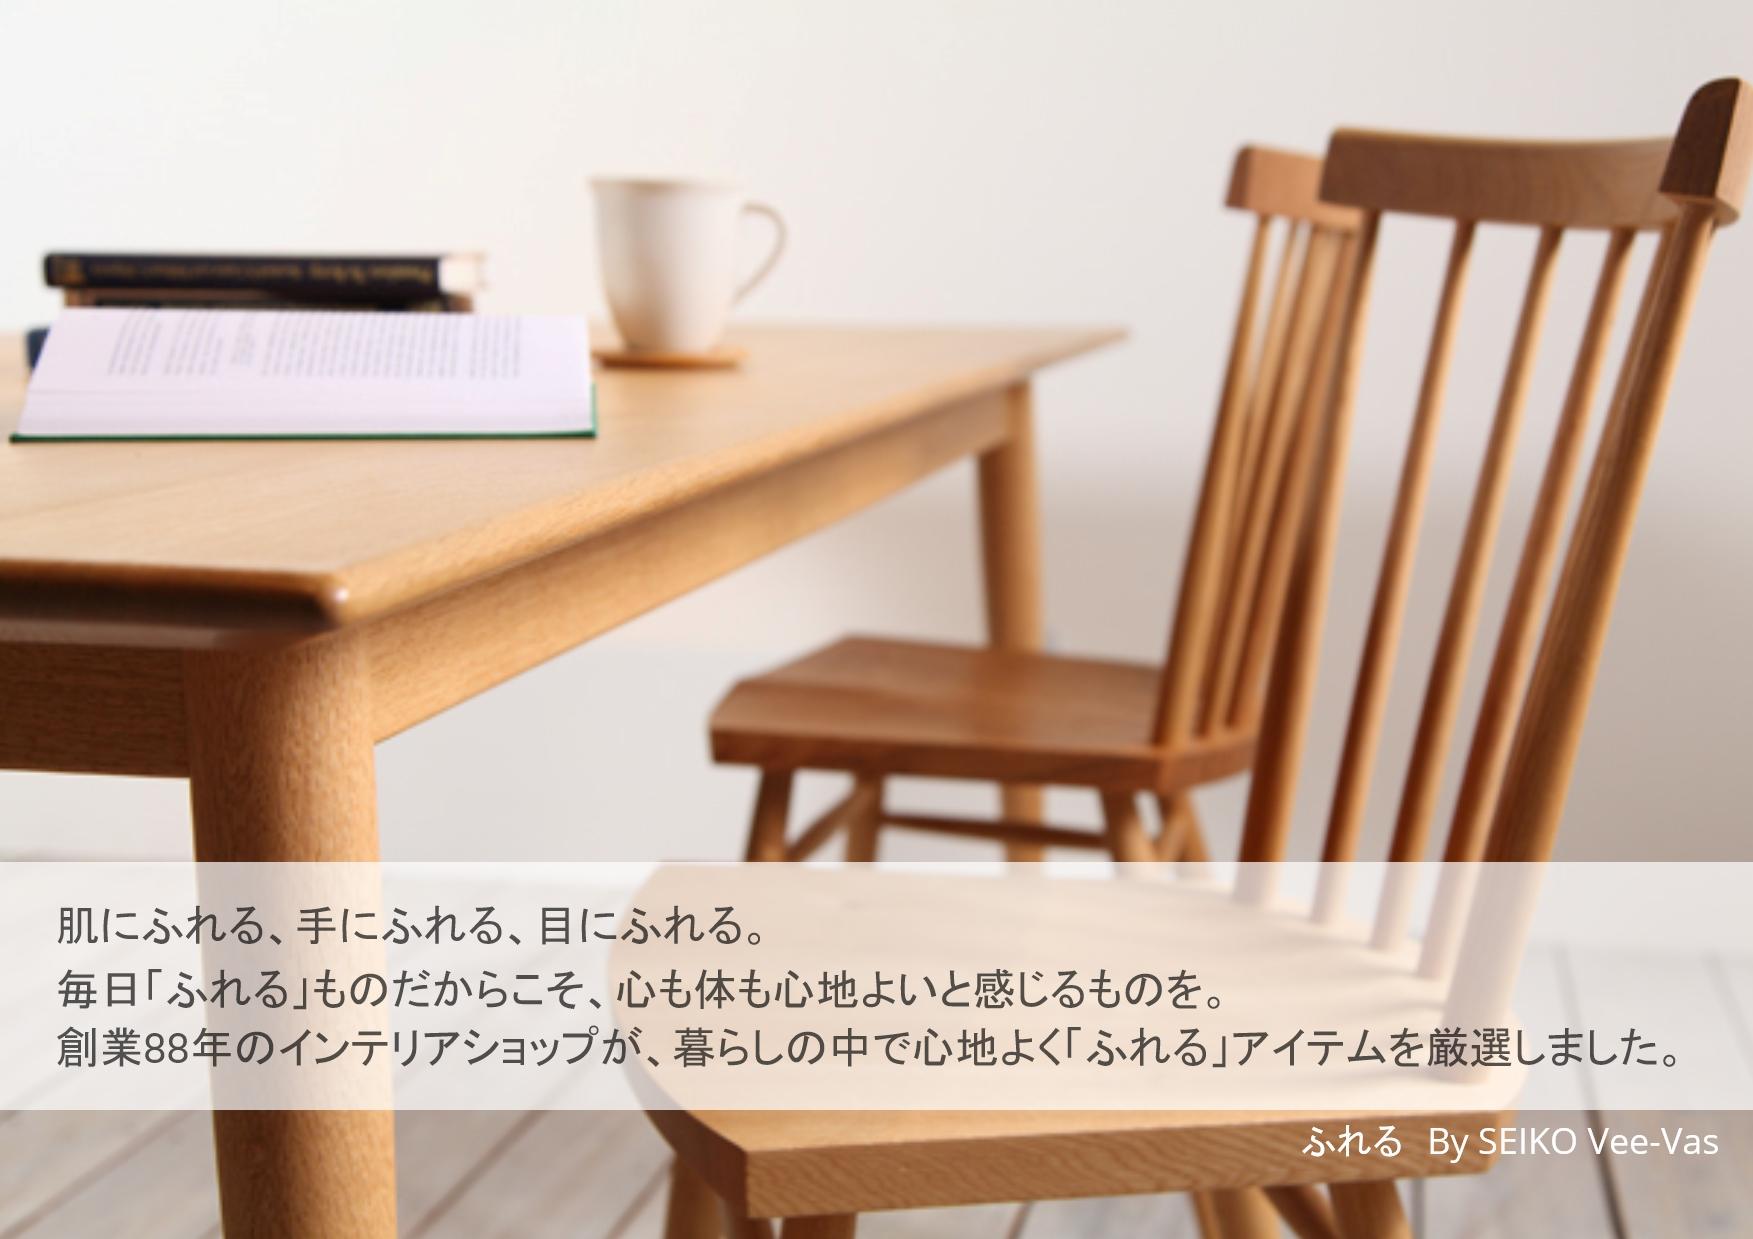 「ふれる」創業88年の家具屋がセレクトした、家具(主にチェア)と雑貨の通販サイト 紹介画像1